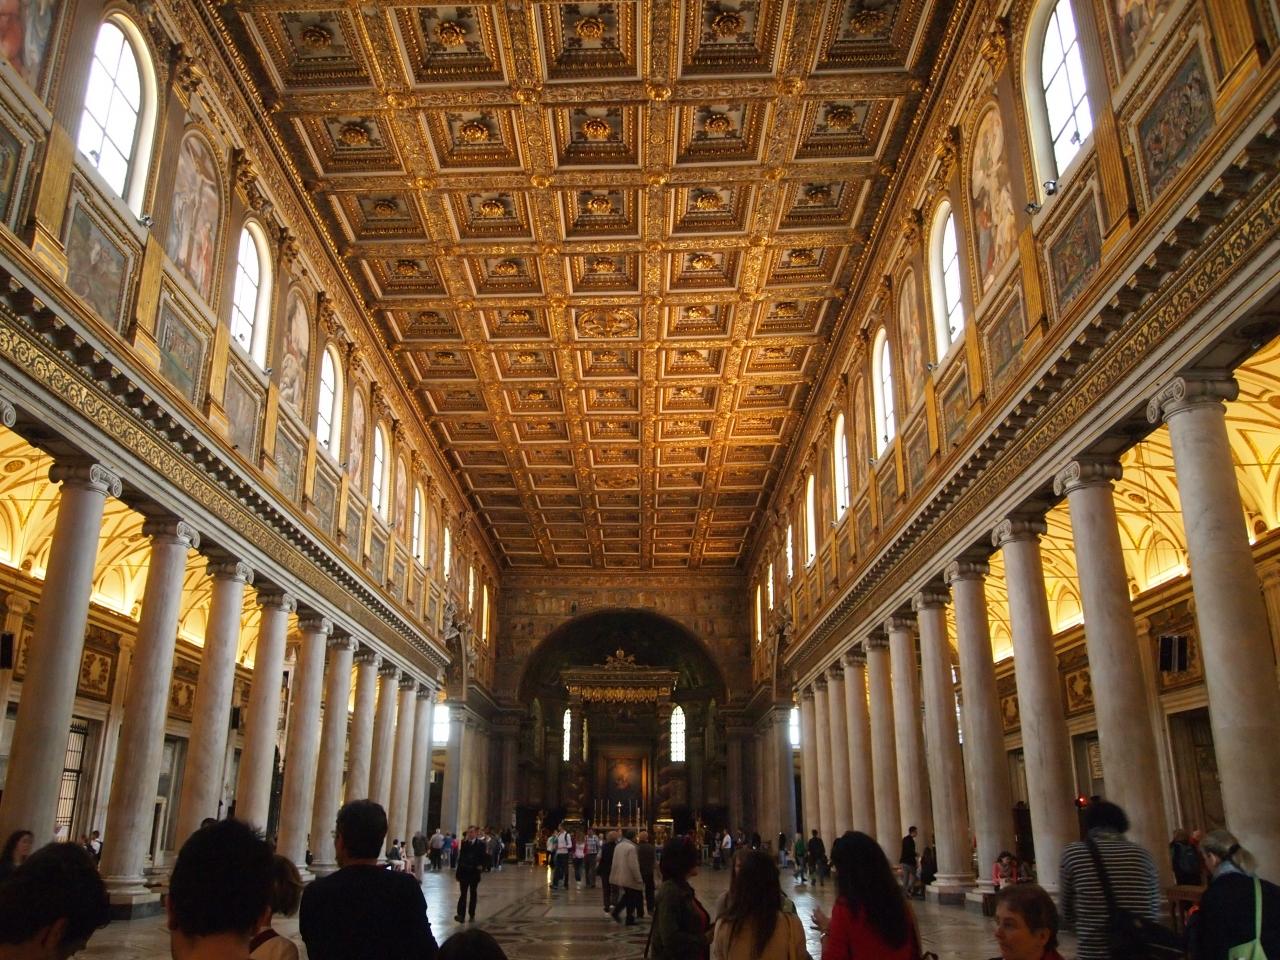 サンタ・マリア・マッジョーレ大聖堂の画像 p1_34